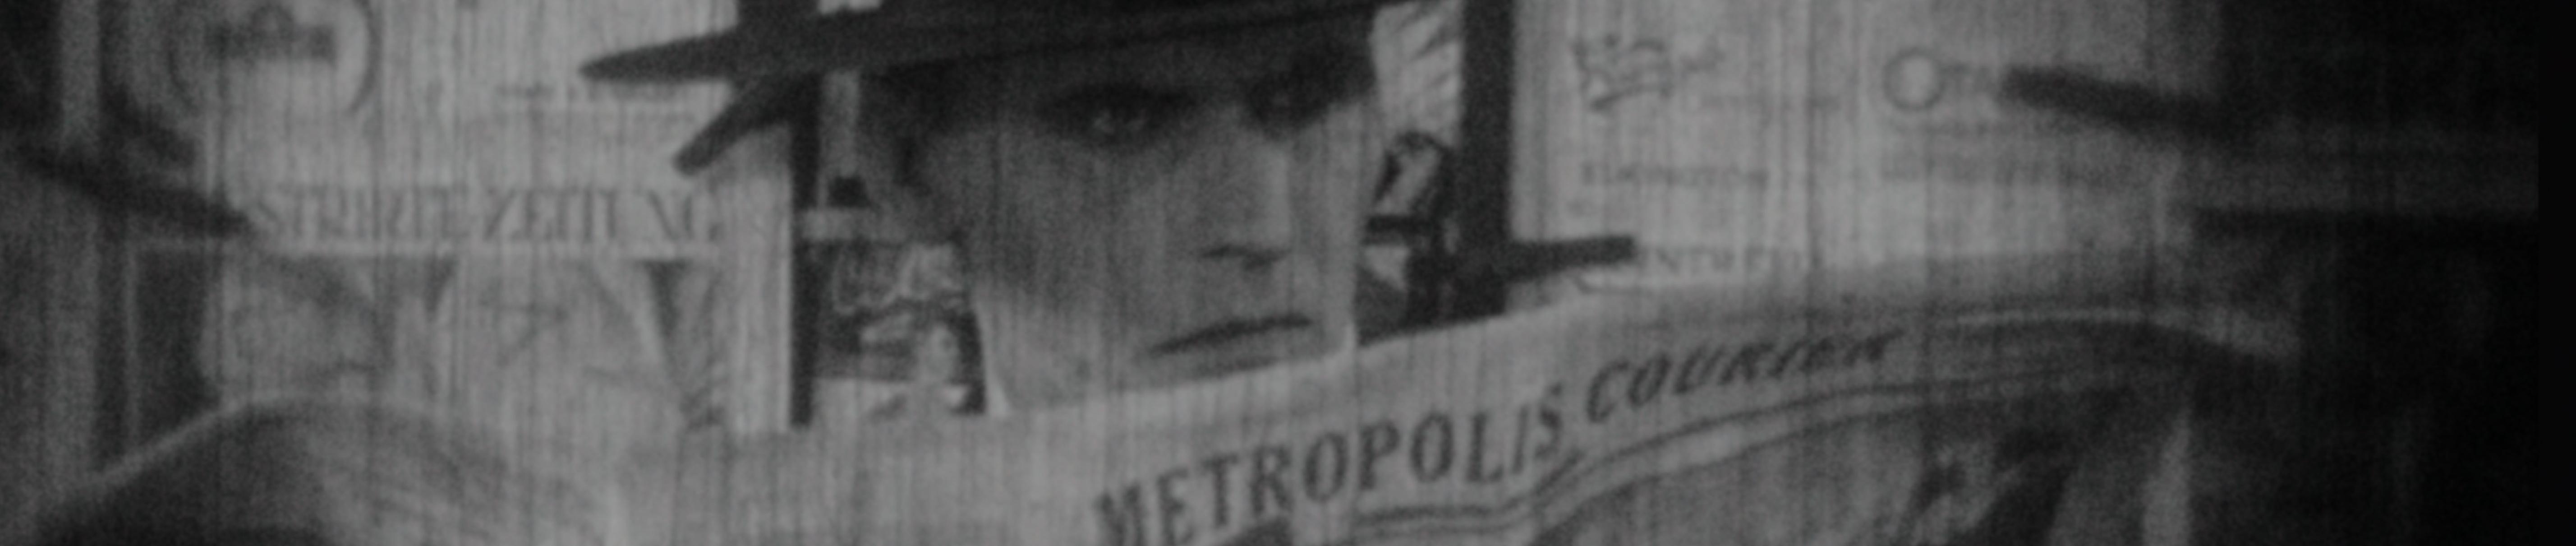 Metropolis050025  mod